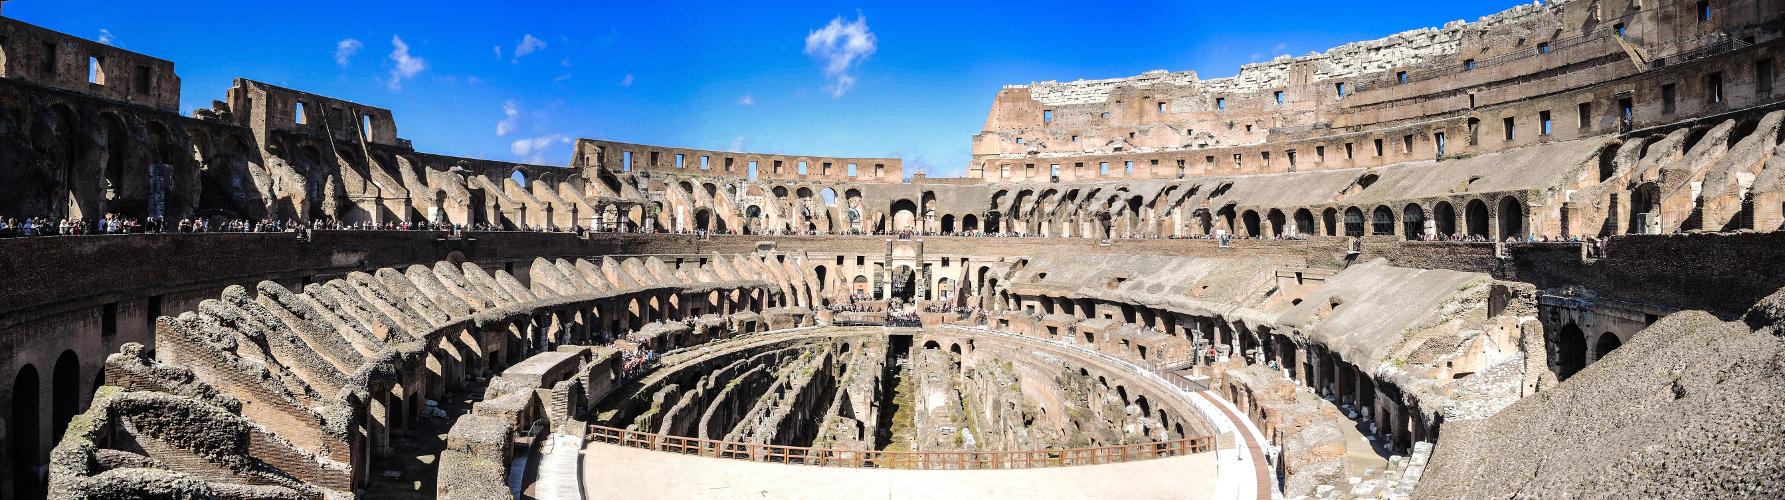 Kolosseum Rom, Panorama - Innenaufnahme